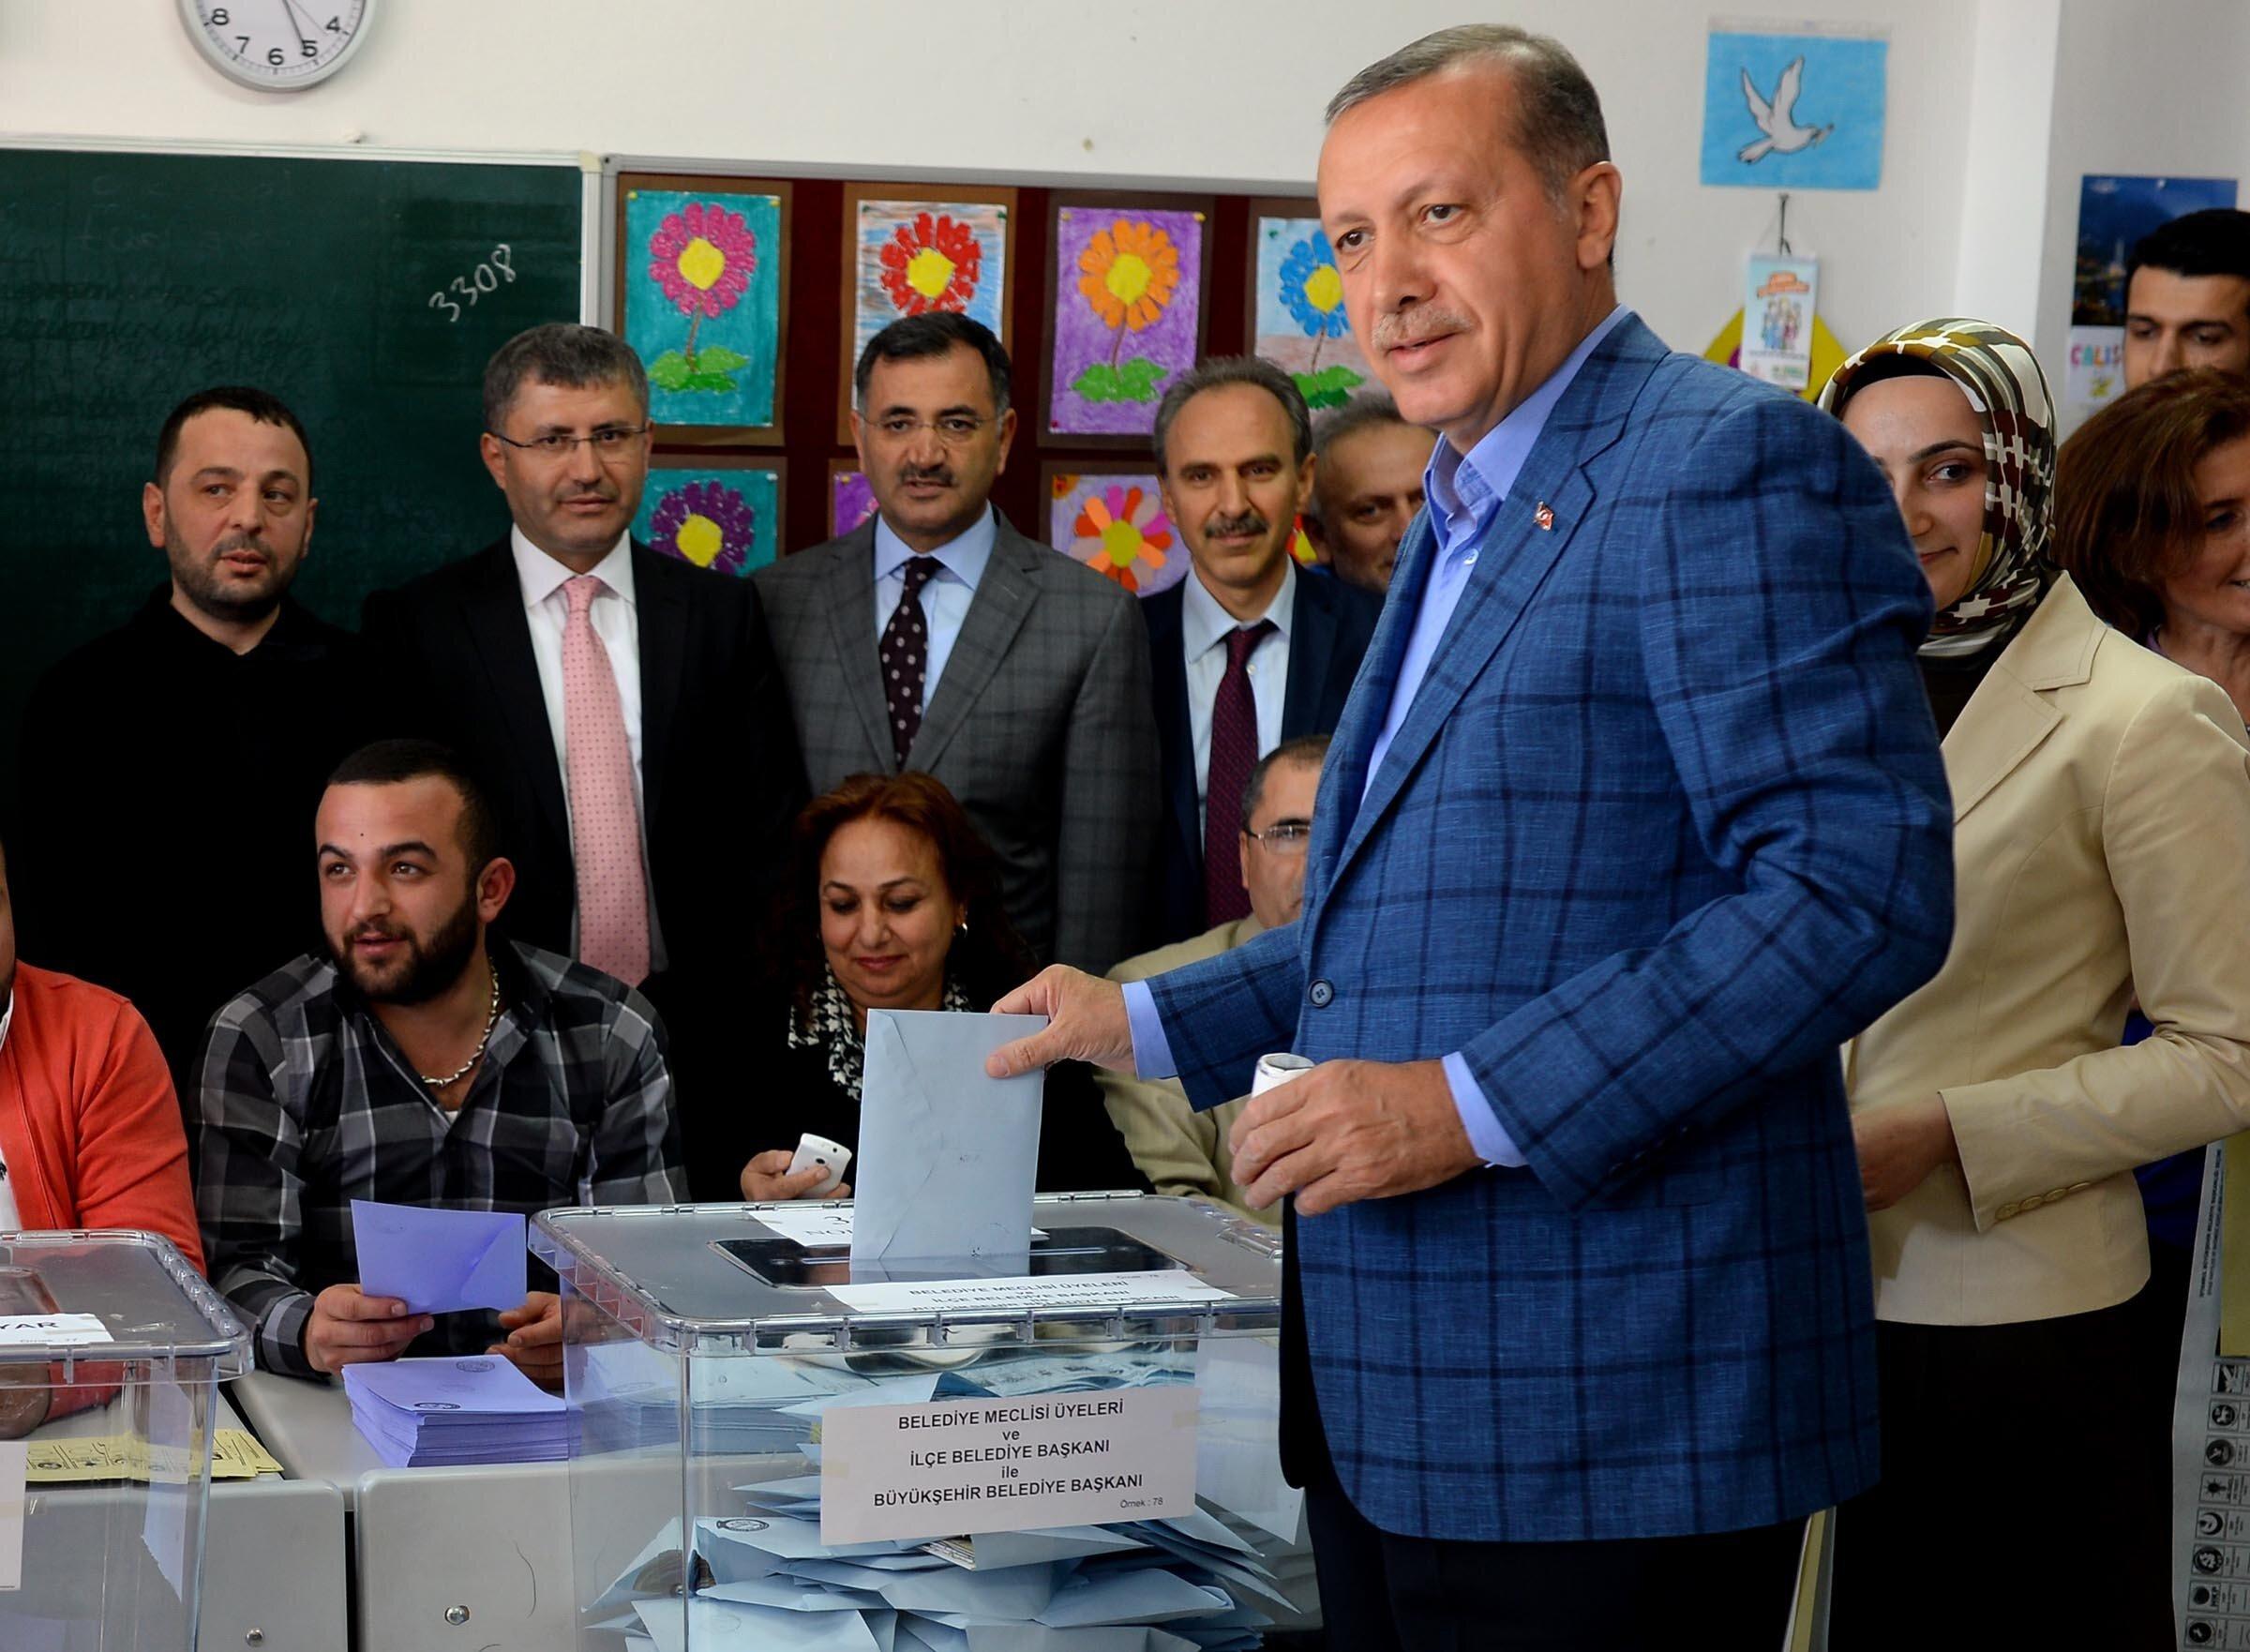 Картинки по запросу erdoğan oy